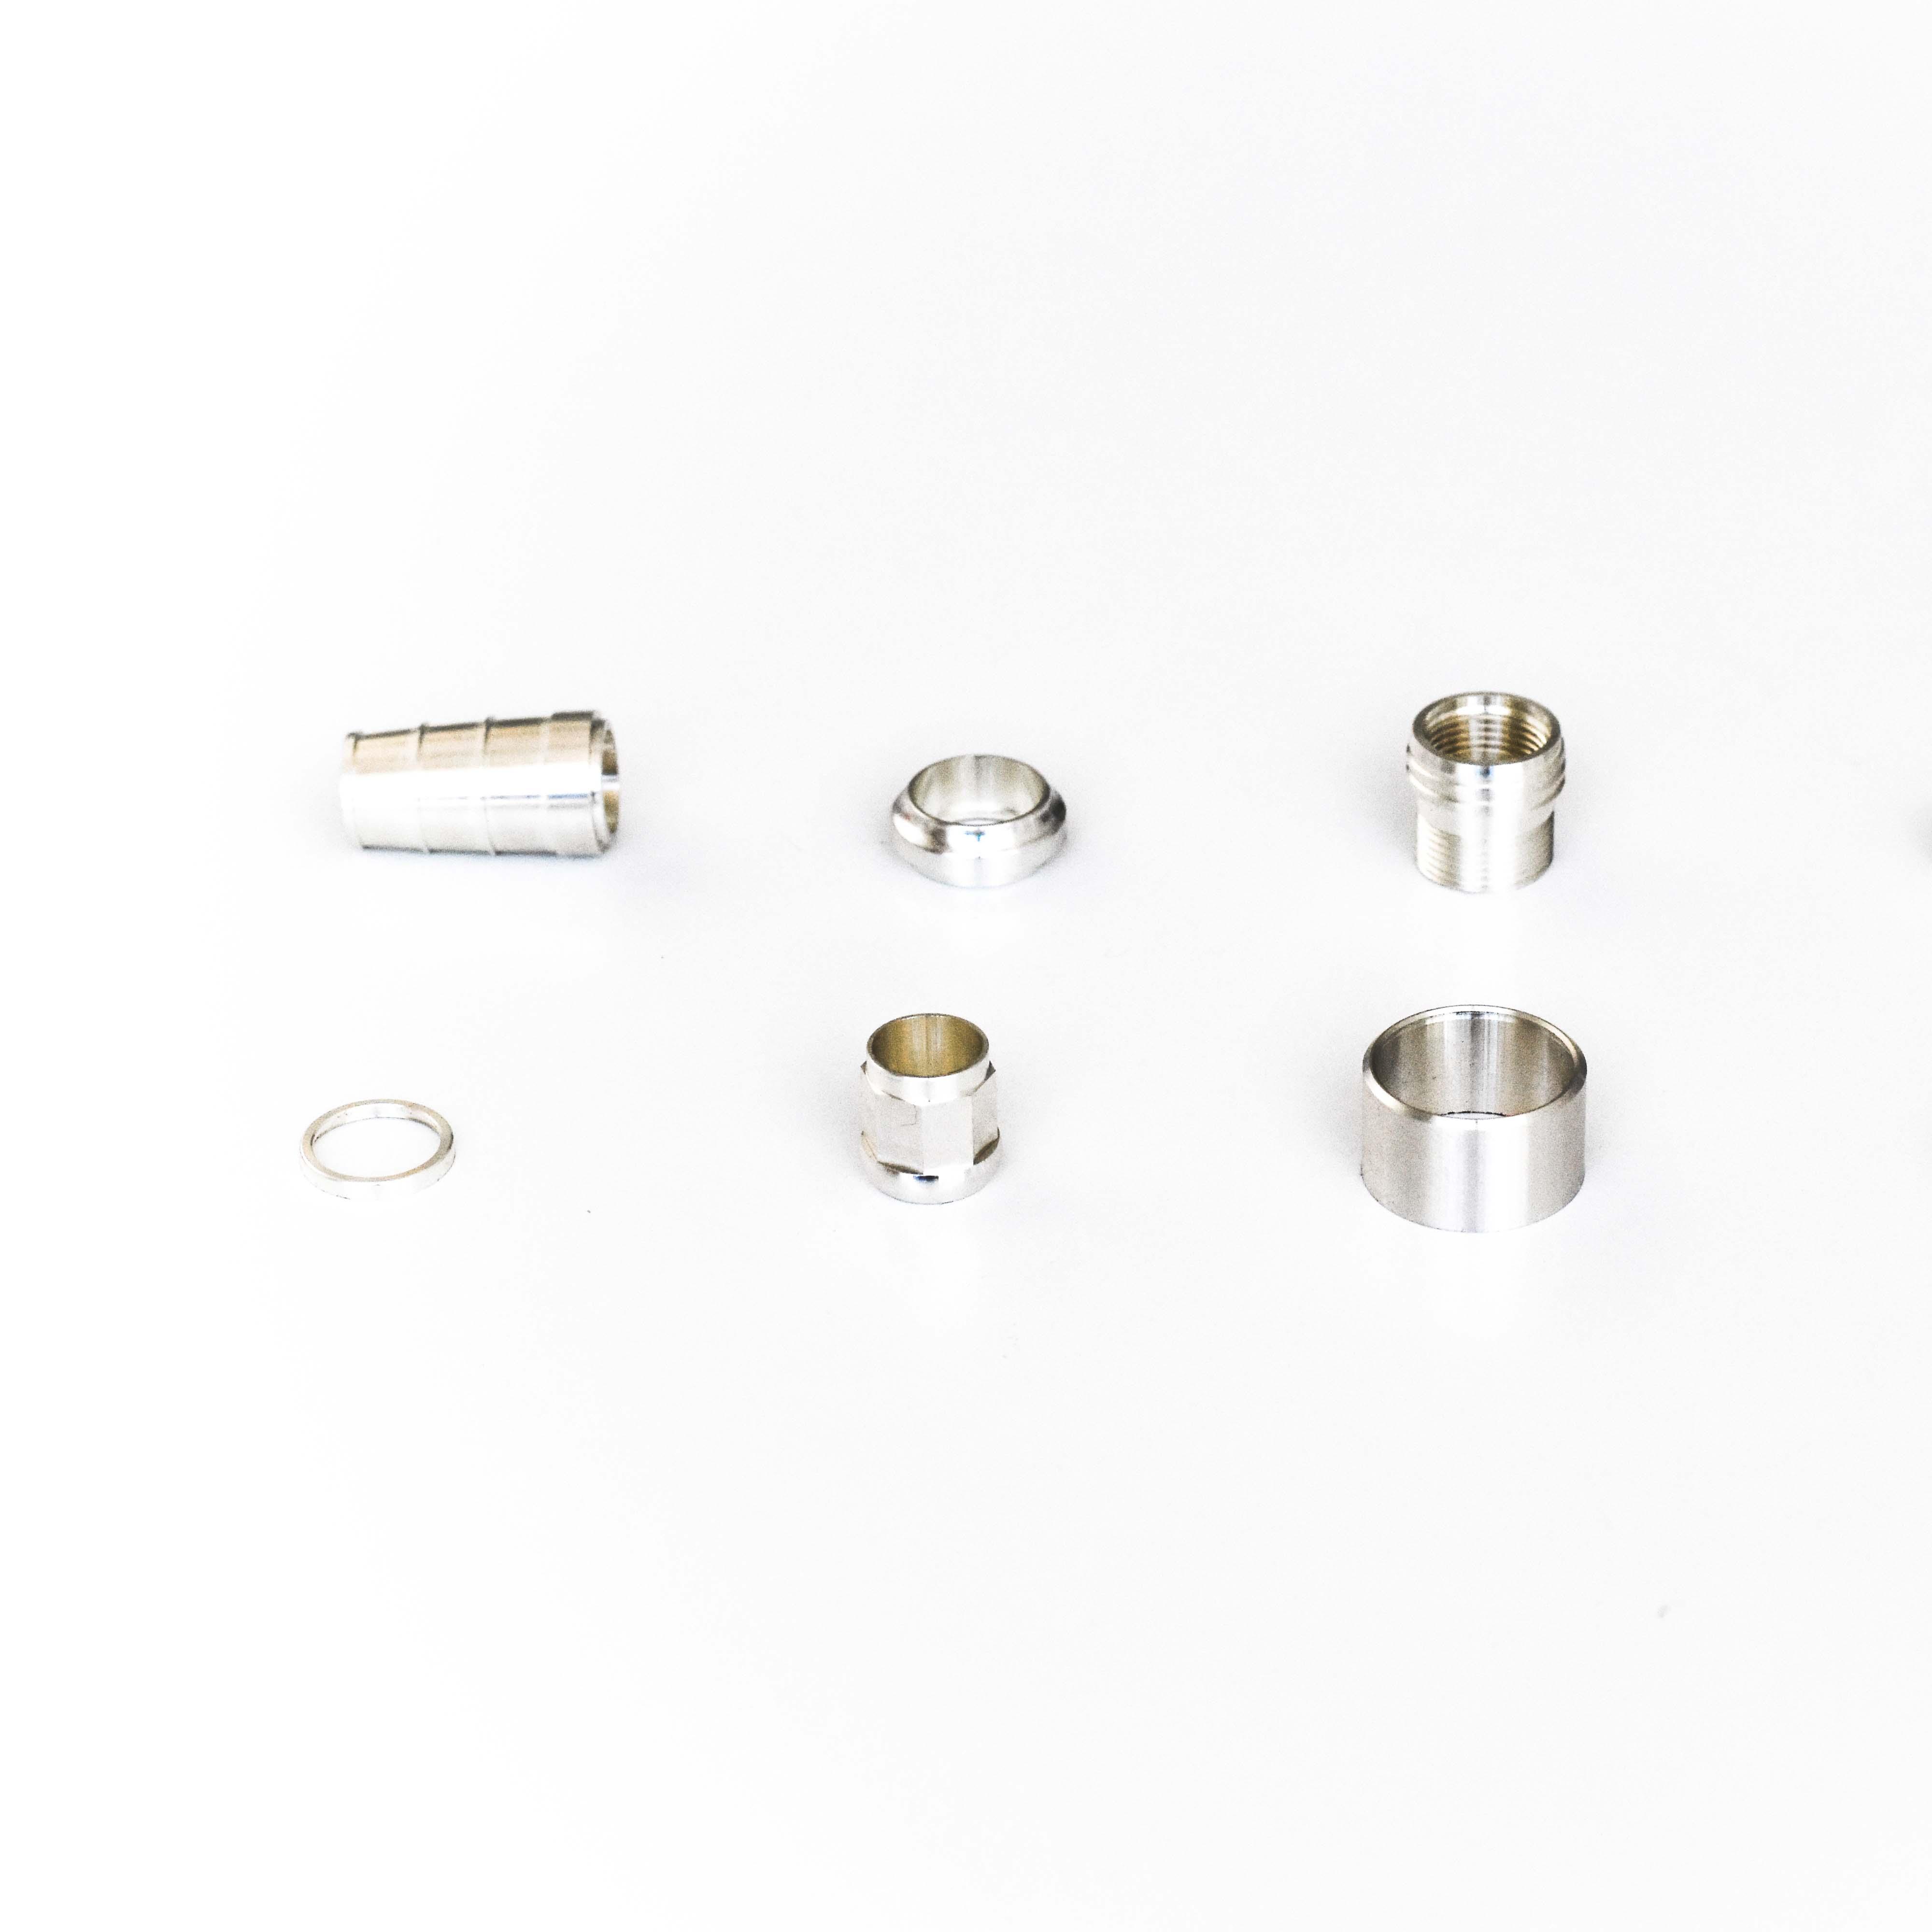 Componenti in argento